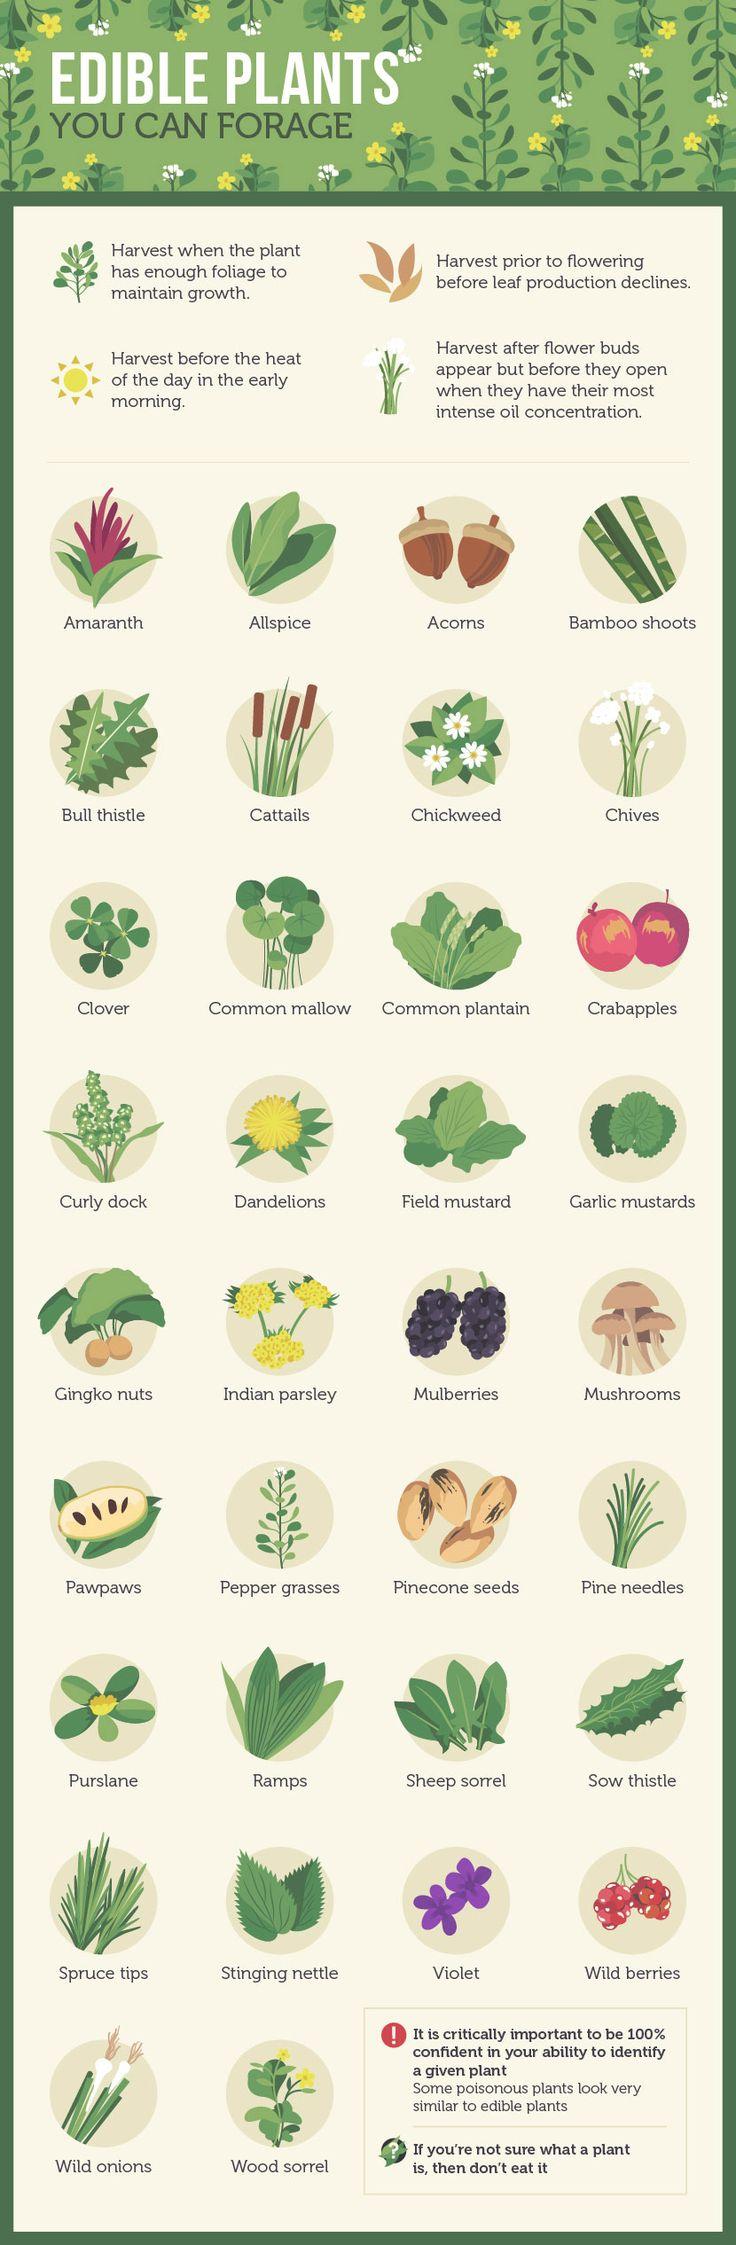 Há muitas plantas comestíveis que crescem fora de sua porta. Use nosso guia para aprender a localizar e incorporar plantas selvagens em seu dia a dia.